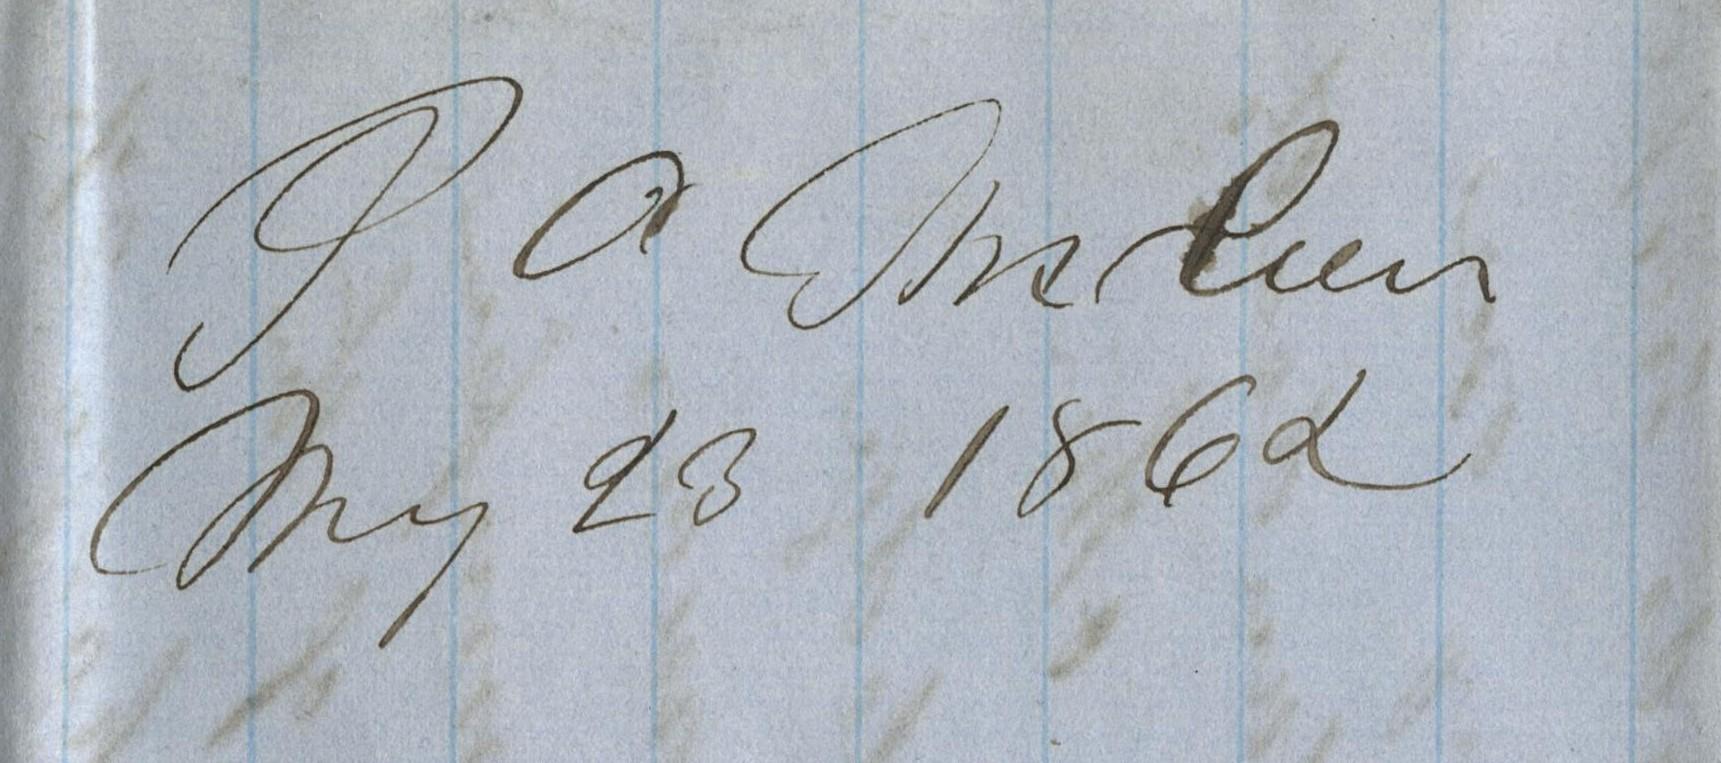 McCreas Signature